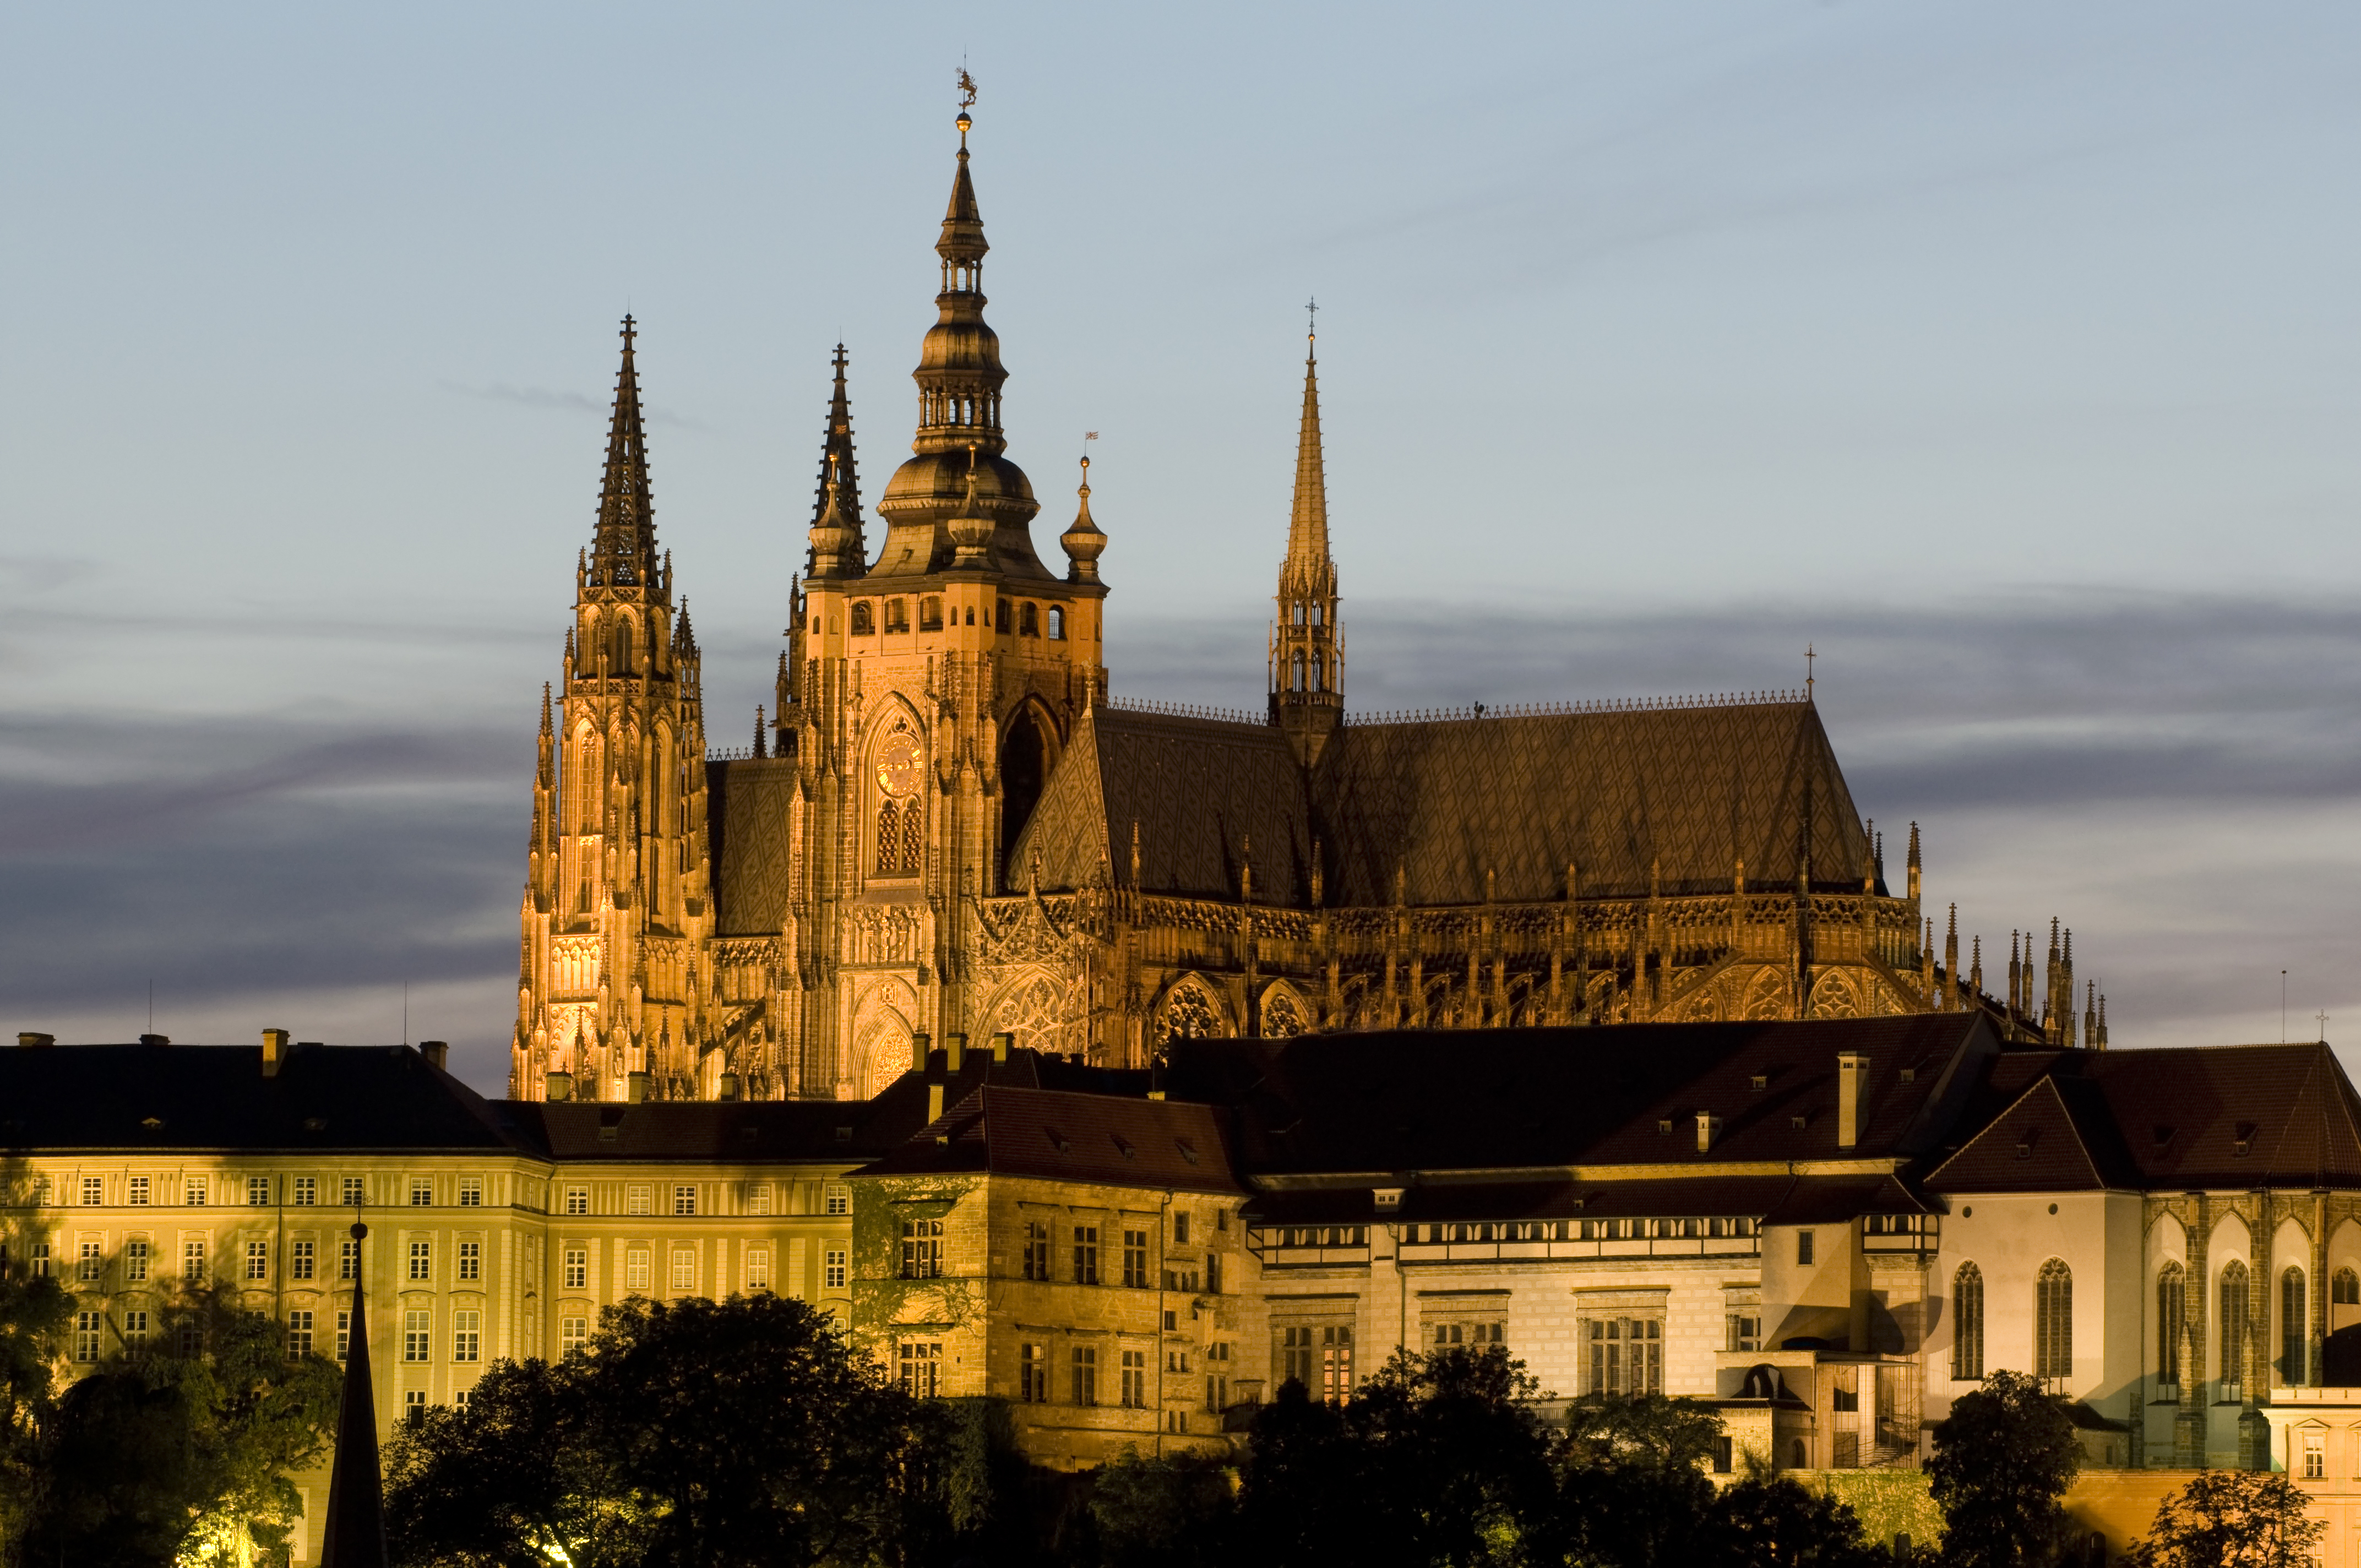 El Castillo de Praga, el más grande del mundo - Alemania Circuito Berlín y Europa Imperial